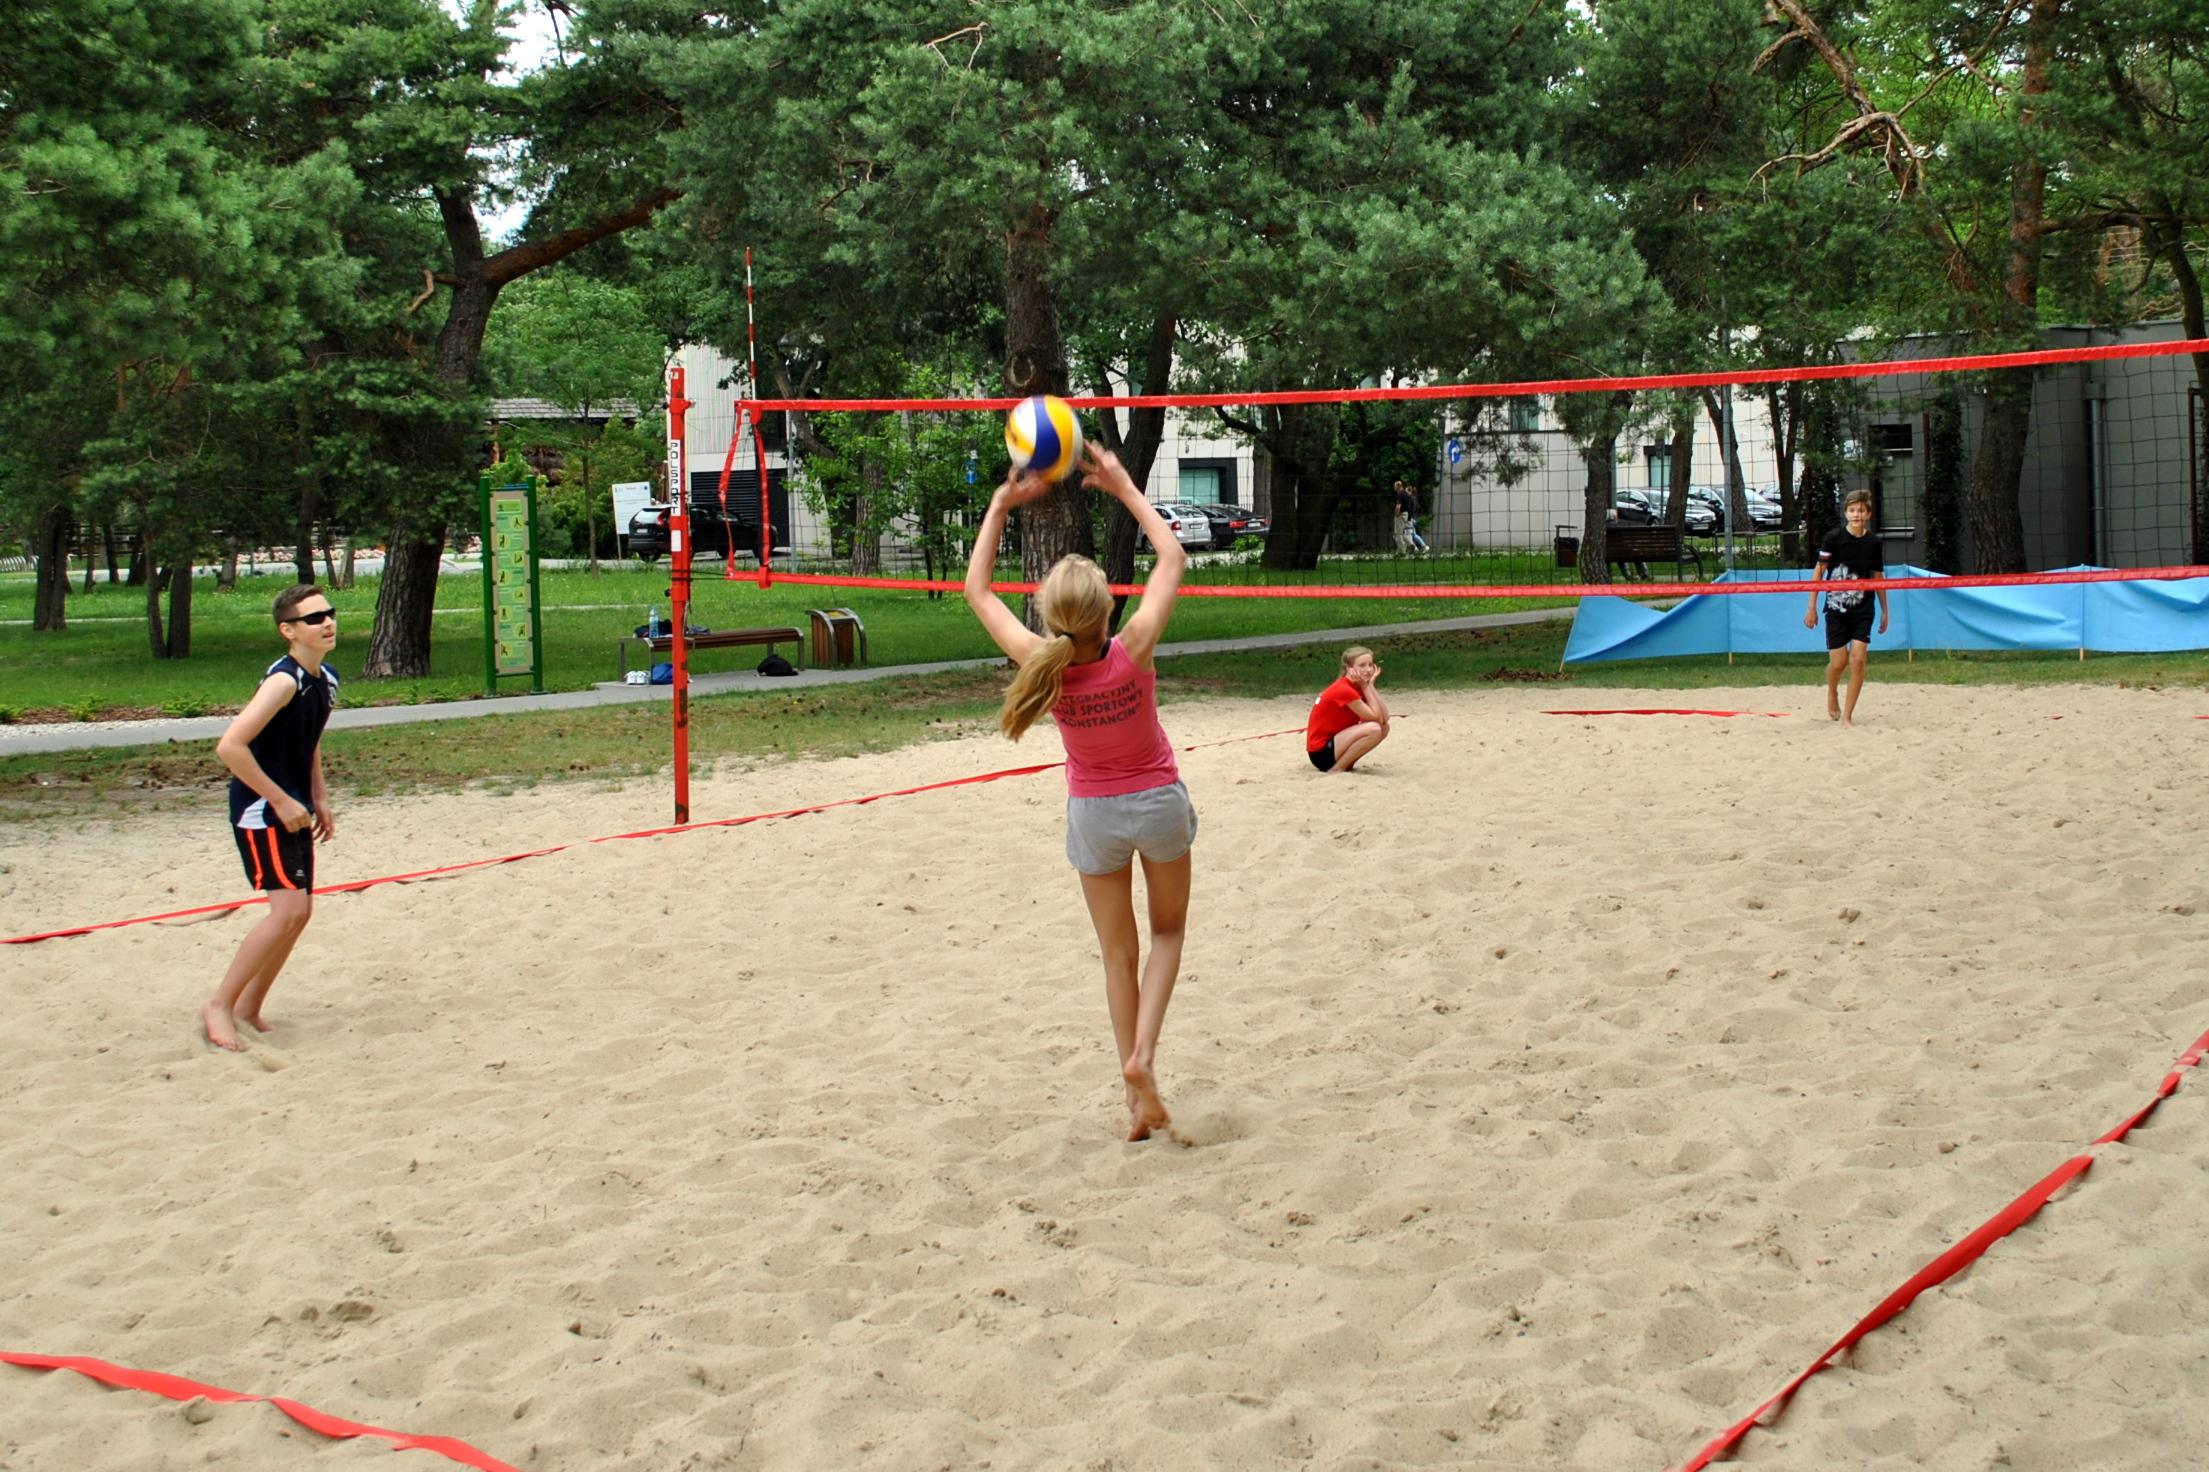 Ruszyła liga siatkówki plażowej